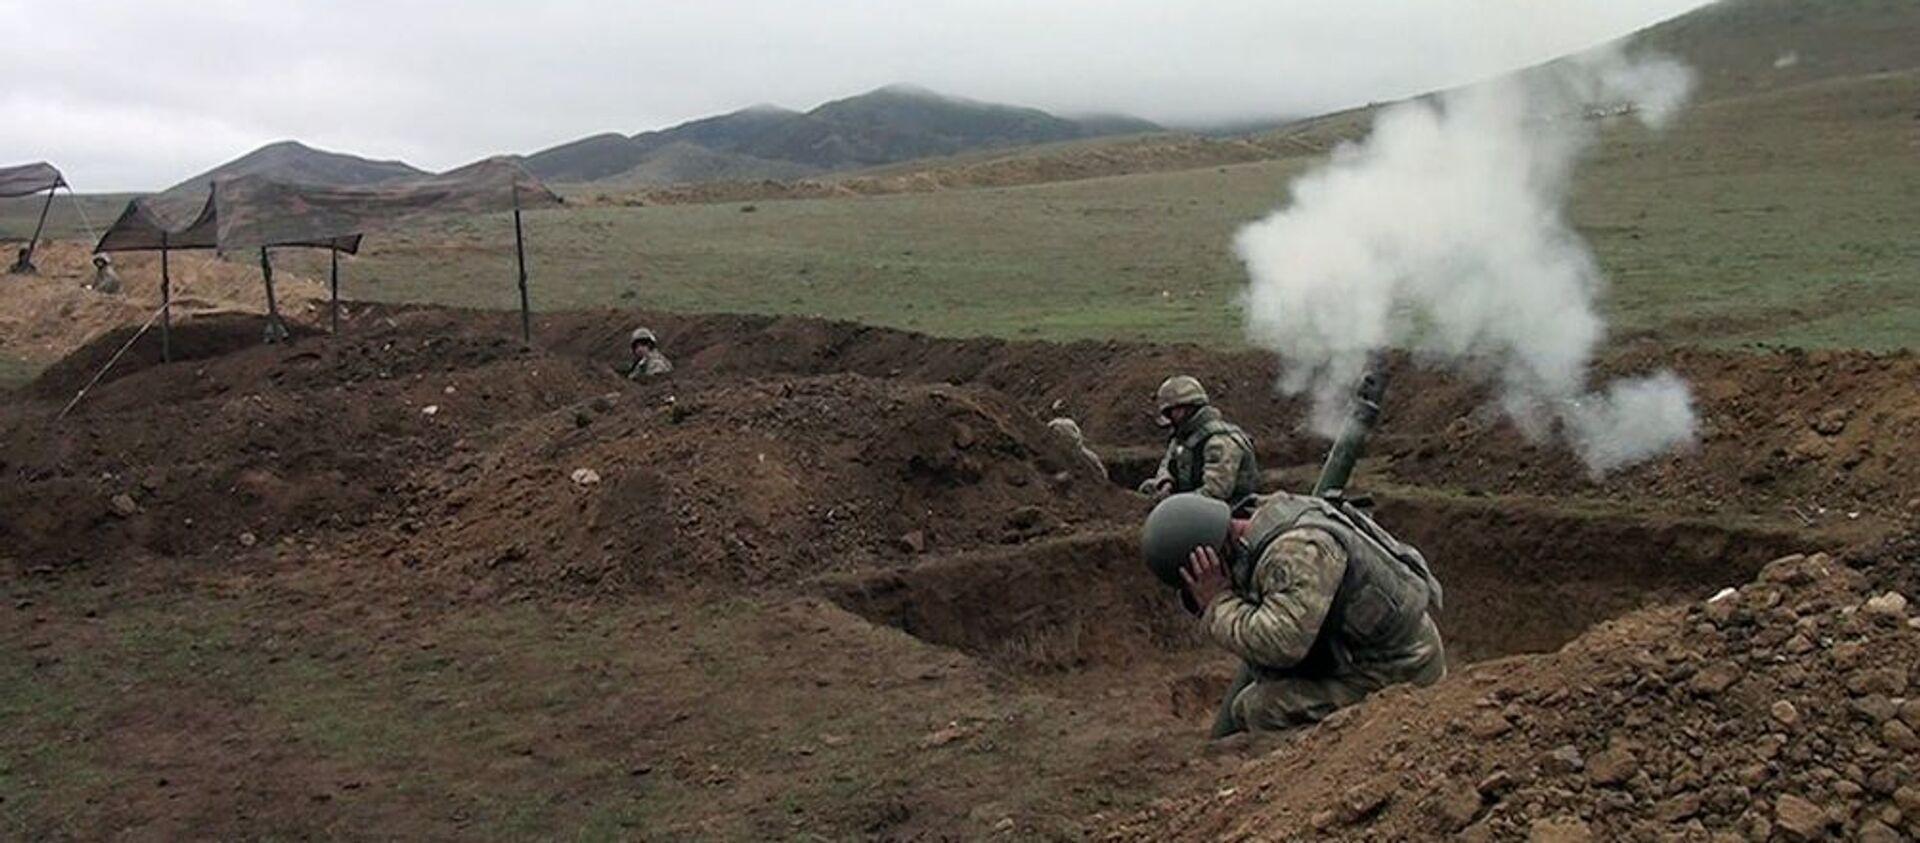 Минометные батареи проводят учебные тренировки с боевой стрельбой - Sputnik Азербайджан, 1920, 19.02.2021